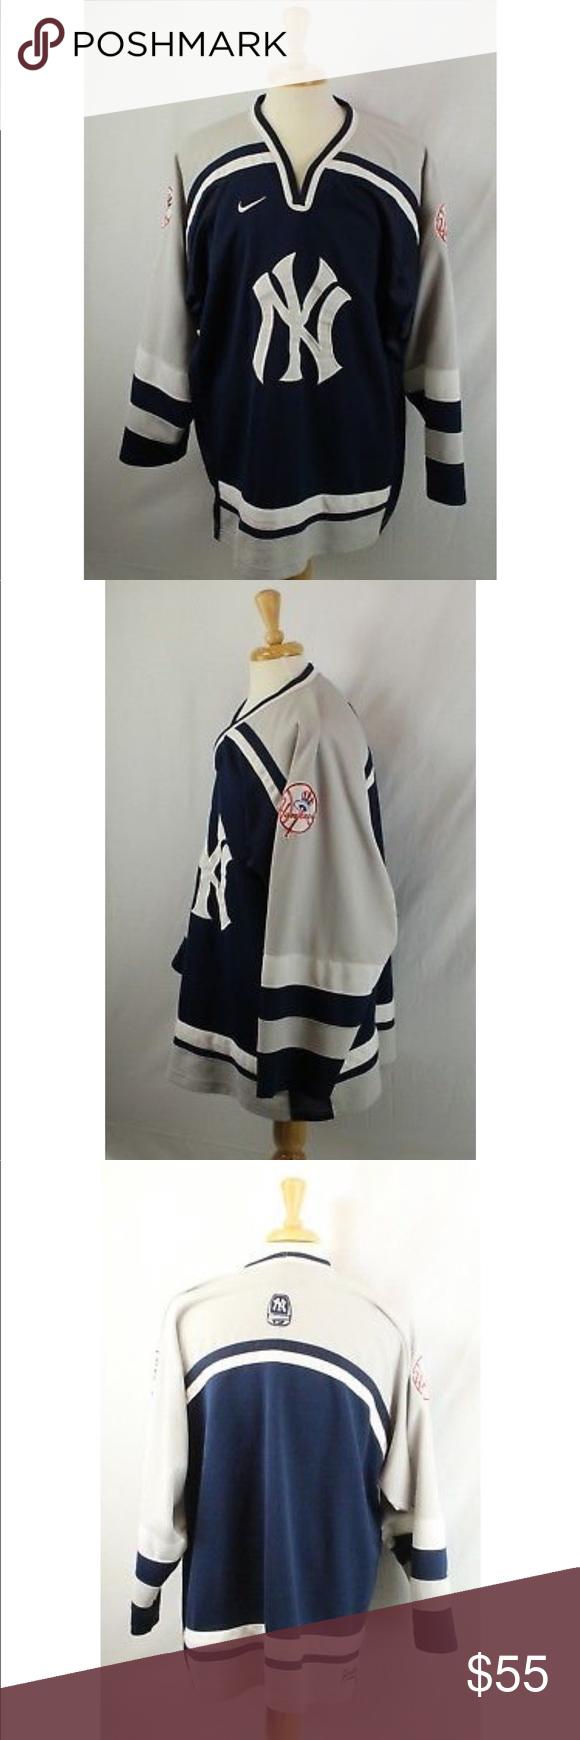 buy online 1118b 57163 Vintage Nike New York Yankees Hockey Jersey XXL Vintage Nike ...